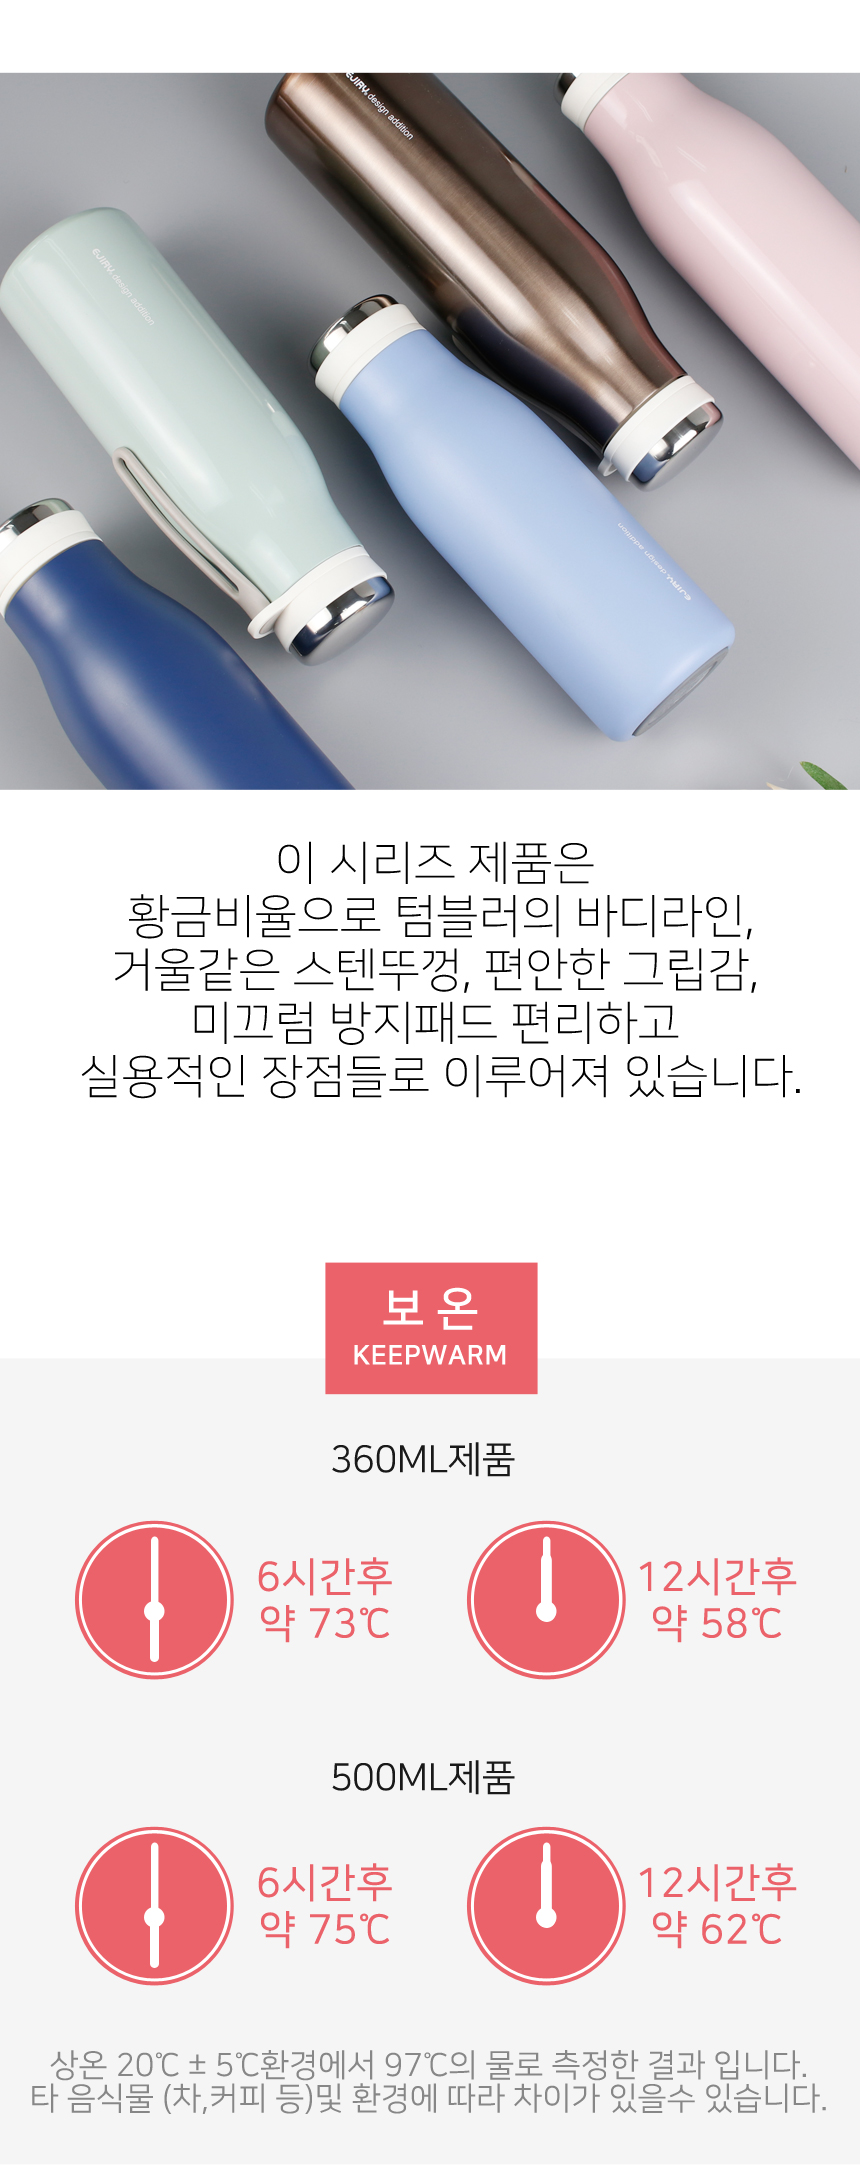 에지리 실리콘스트랩 진공텀블러 - 김씨하우스, 25,900원, 보틀/텀블러, 스테인레스 텀블러